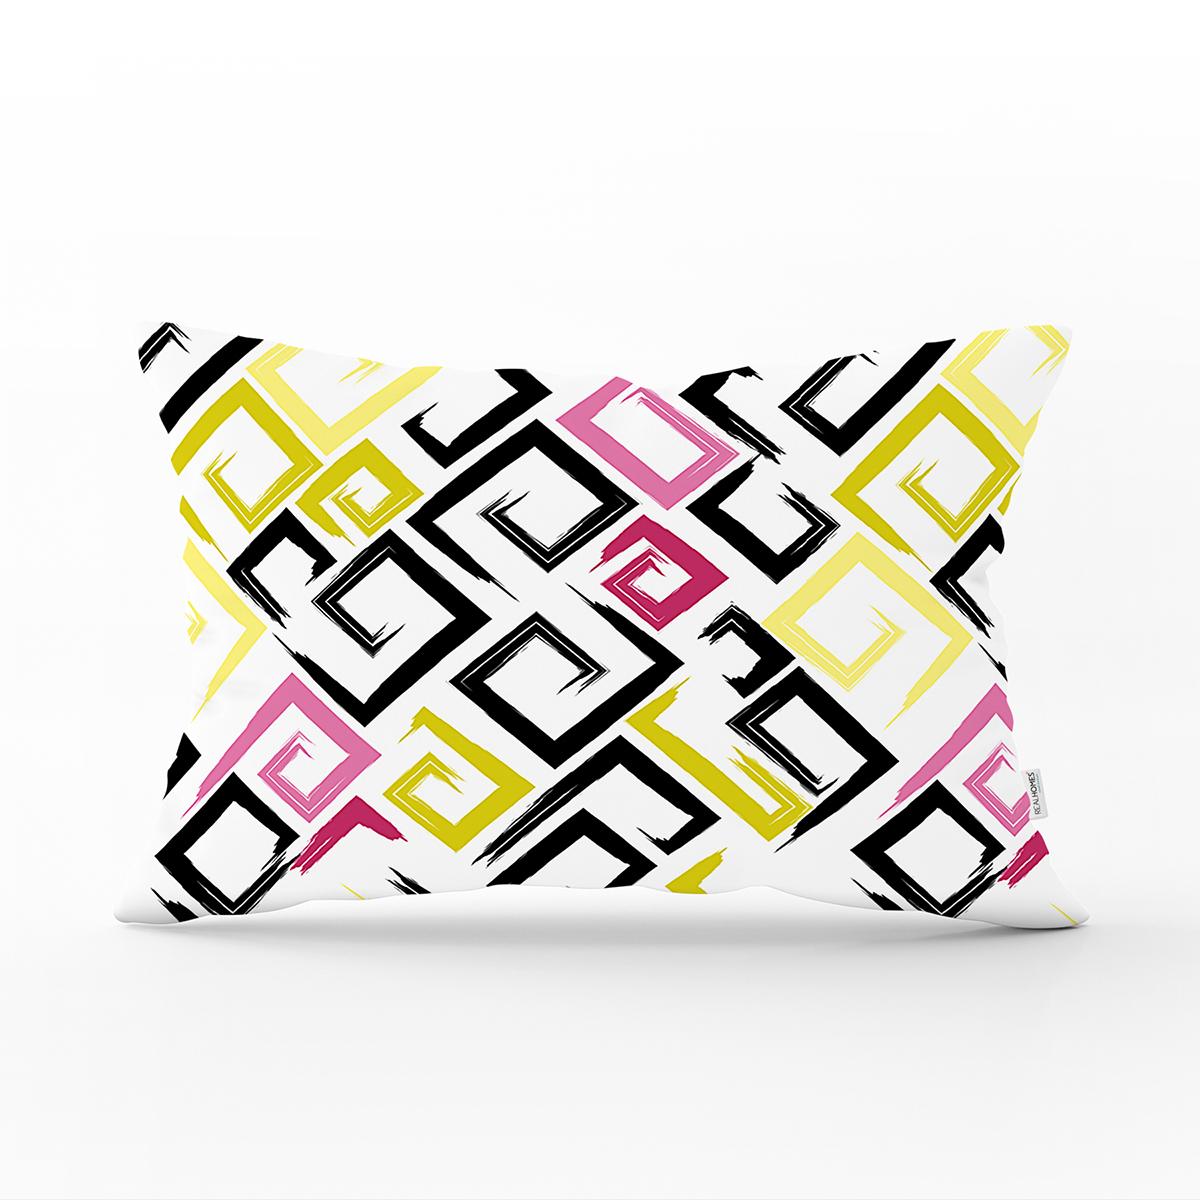 Beyaz Zemin Üzerinde Renkli Modern Geometrik Desenli Dikdörtgen Yastık Kırlent Kılıfı Realhomes